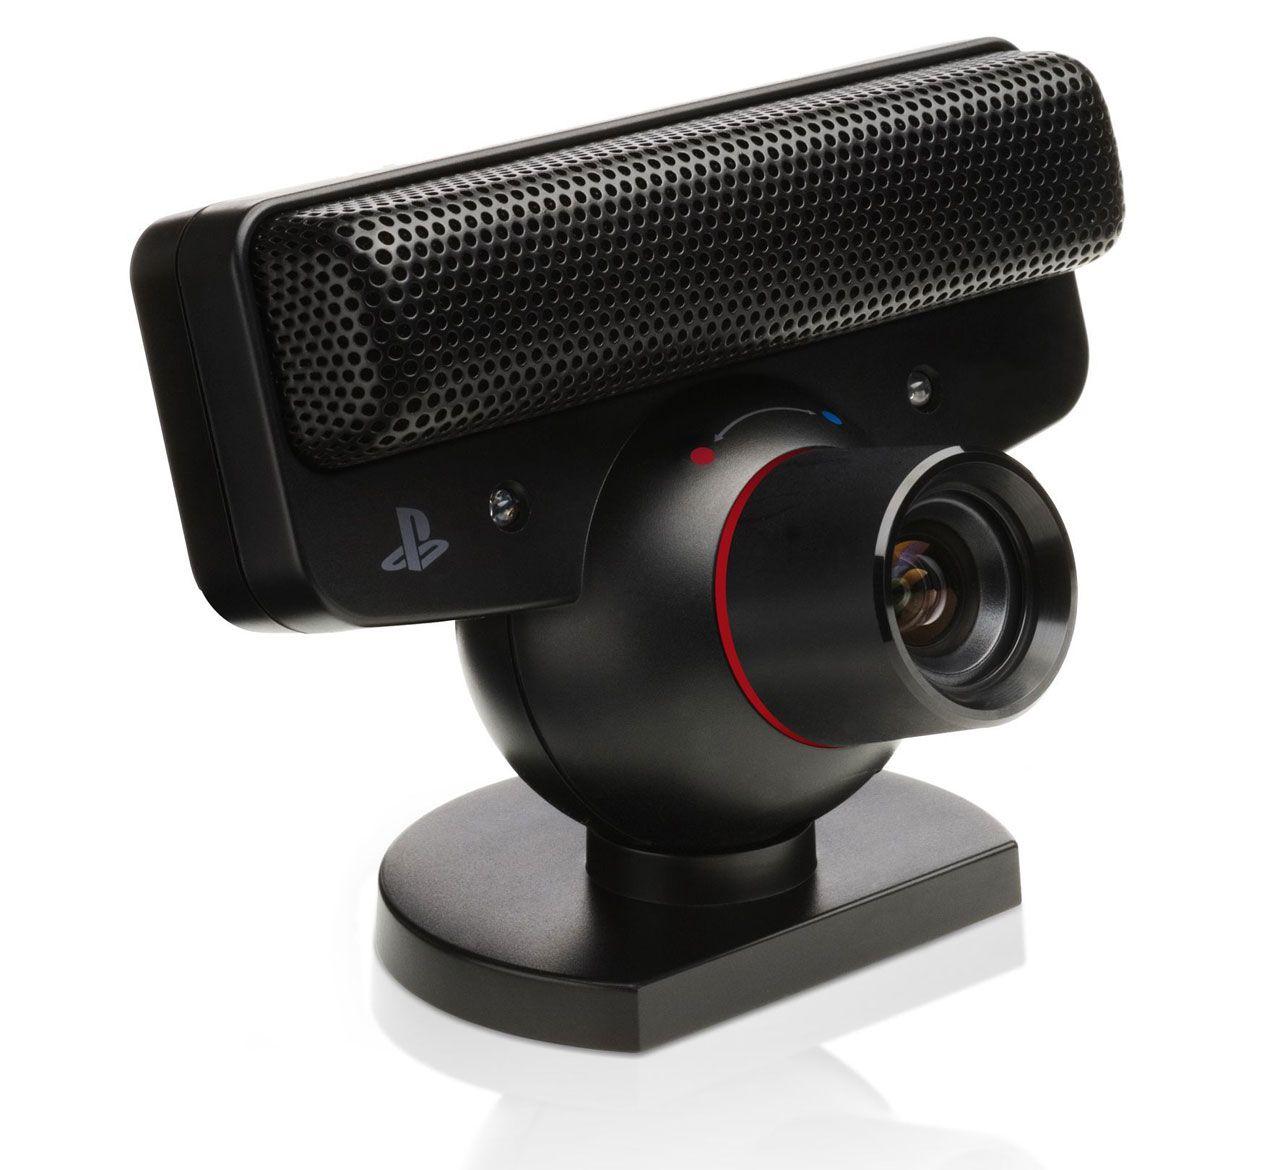 00491248-photo-playstation-eye-camera-playstation-3